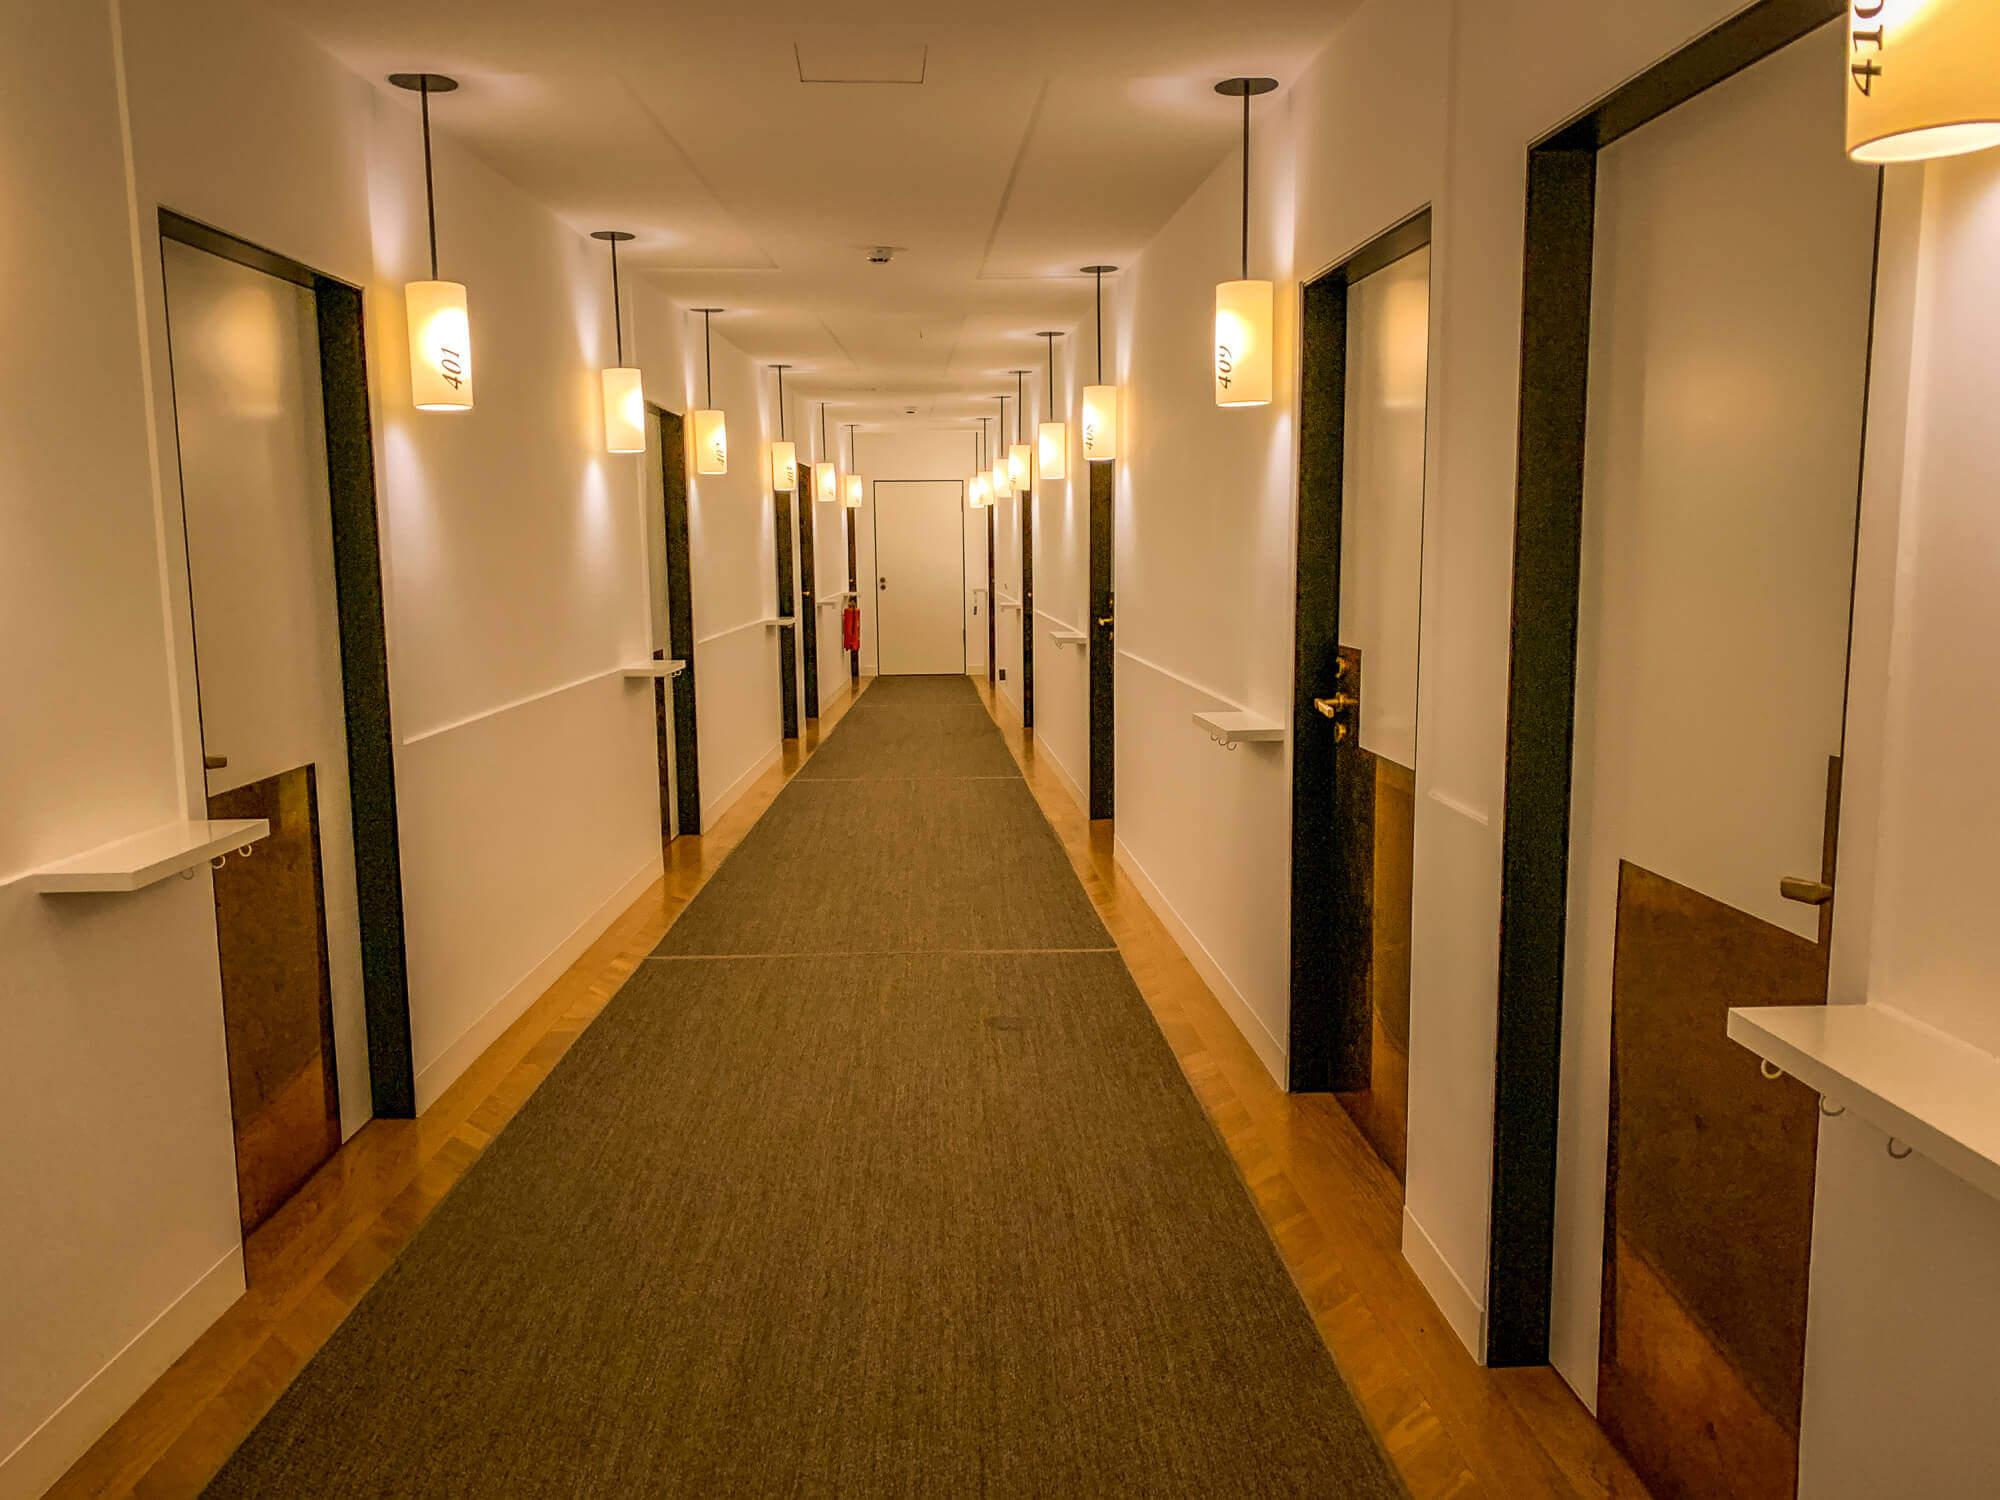 Louis Hotel Munich hallway